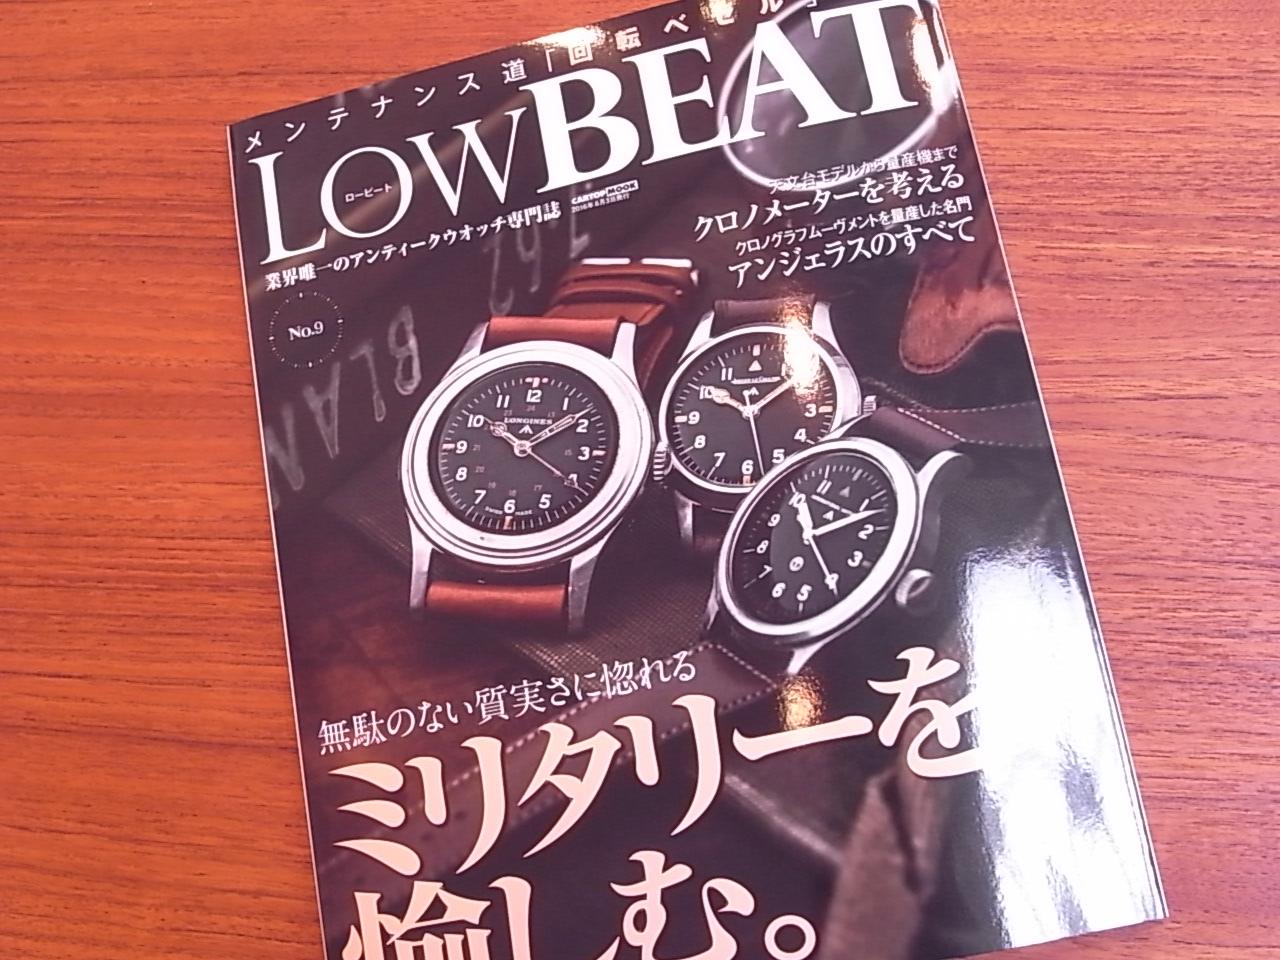 LowBEAT(ロービート)No.9発売 巻頭特集はミリタリーです!